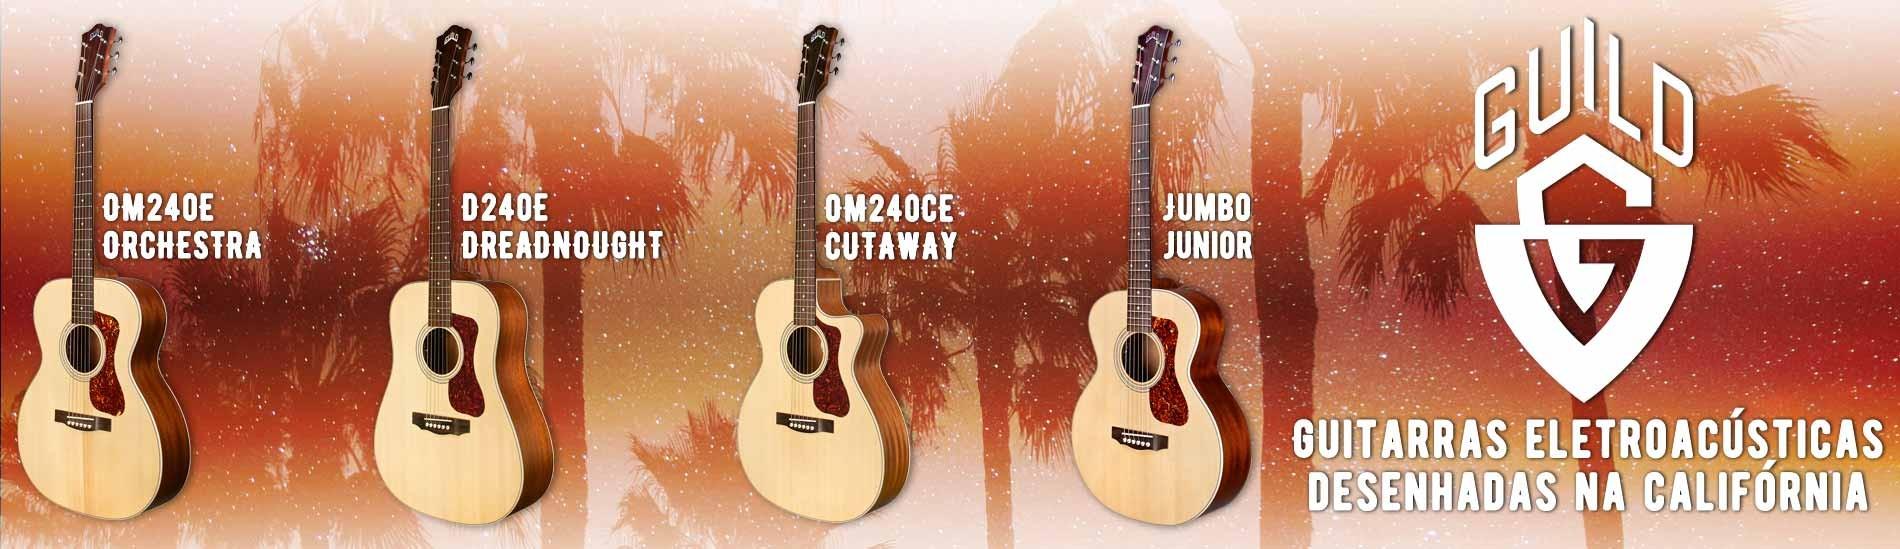 Guitarras Eletroacústicas Guild - Desenhadas na California!